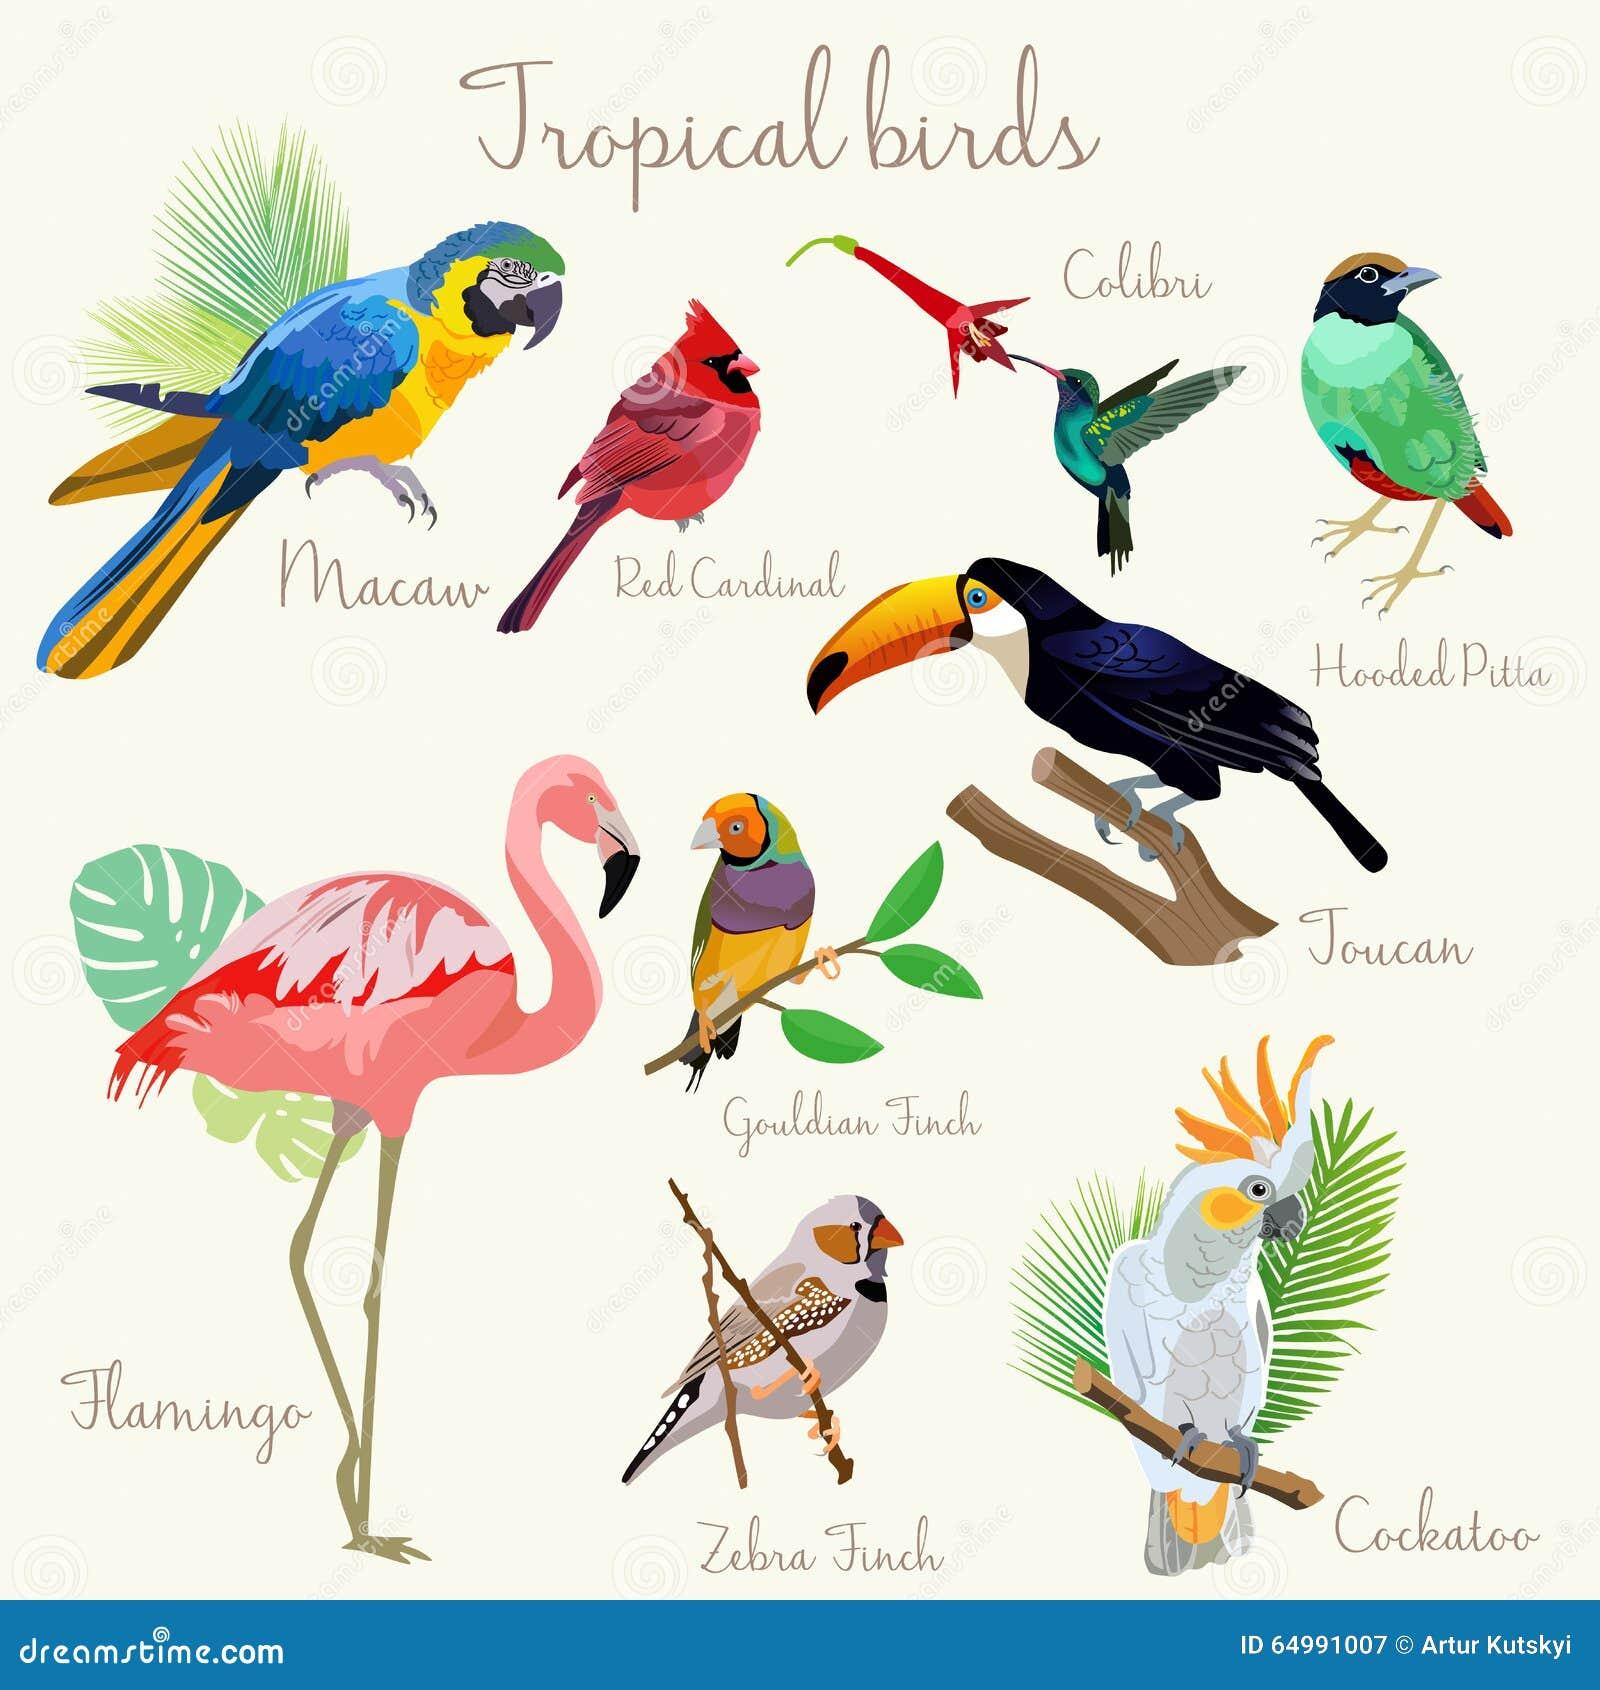 small tropical birds comp